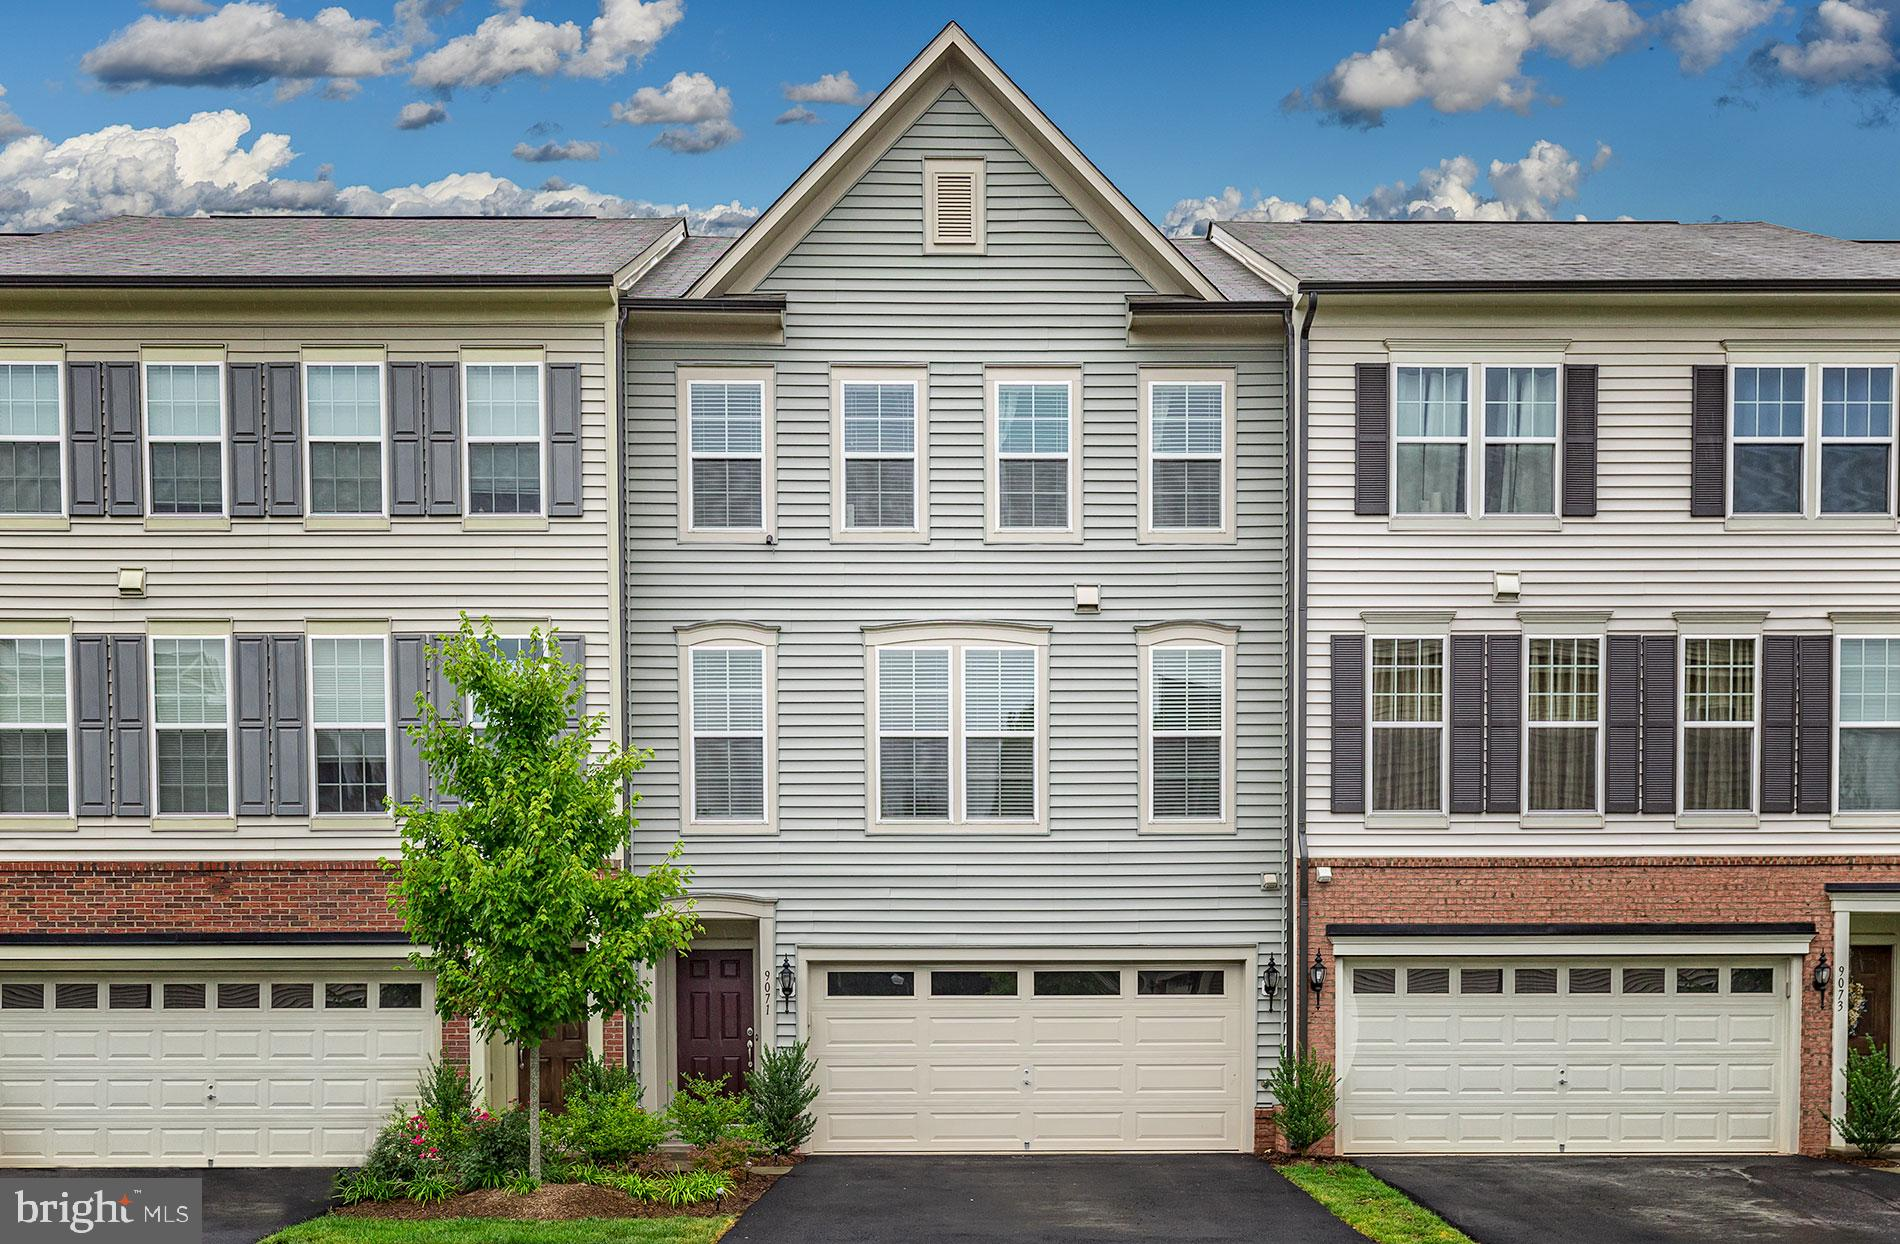 9071 CONNOR HOUSE ROAD, MANASSAS, VA 20111